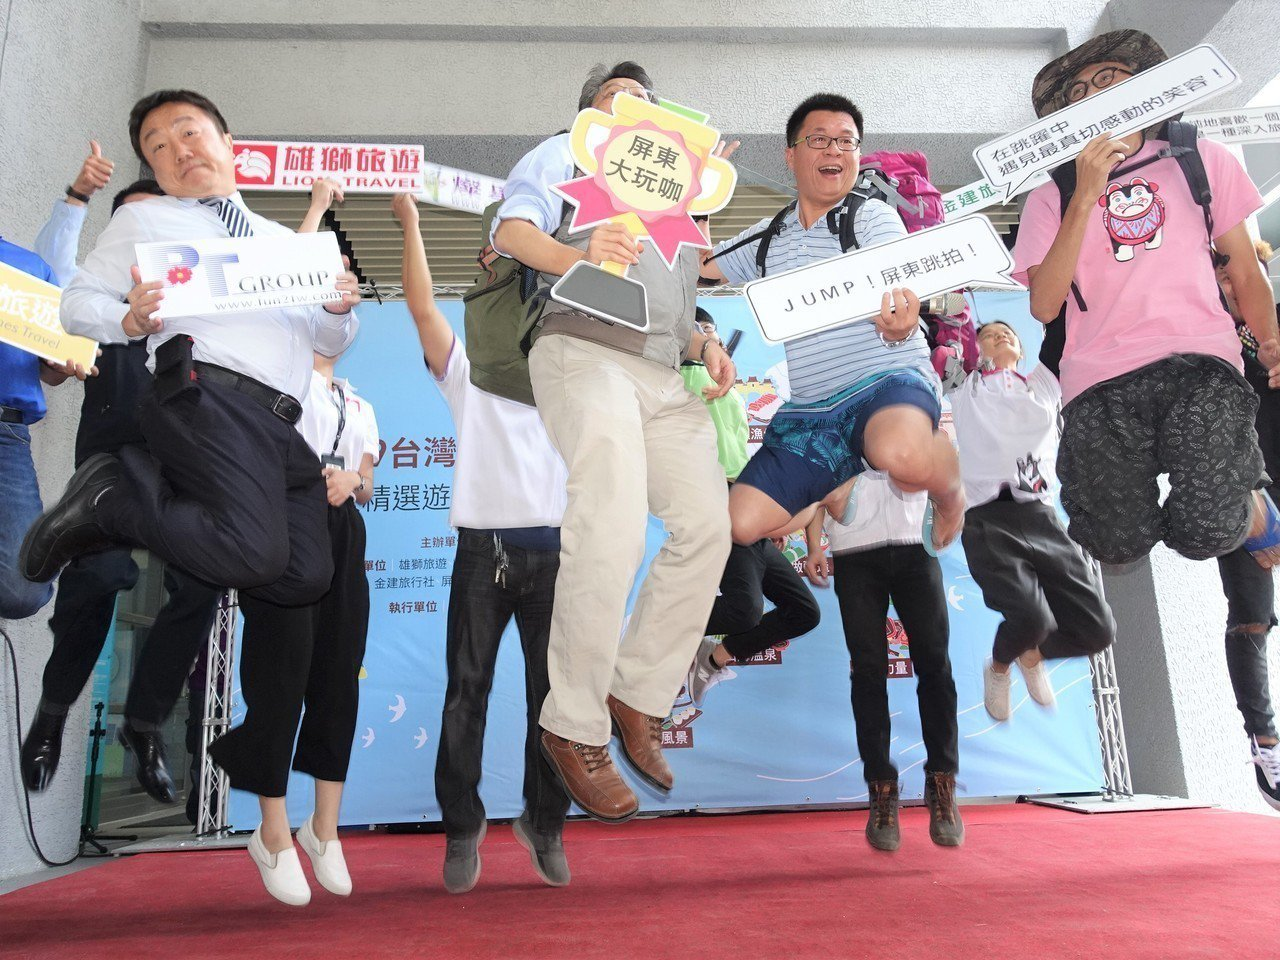 屏東縣政府昨起推出十大遊程,號召遊客可以開始安排到屏東旅行了。記者翁禎霞/攝影